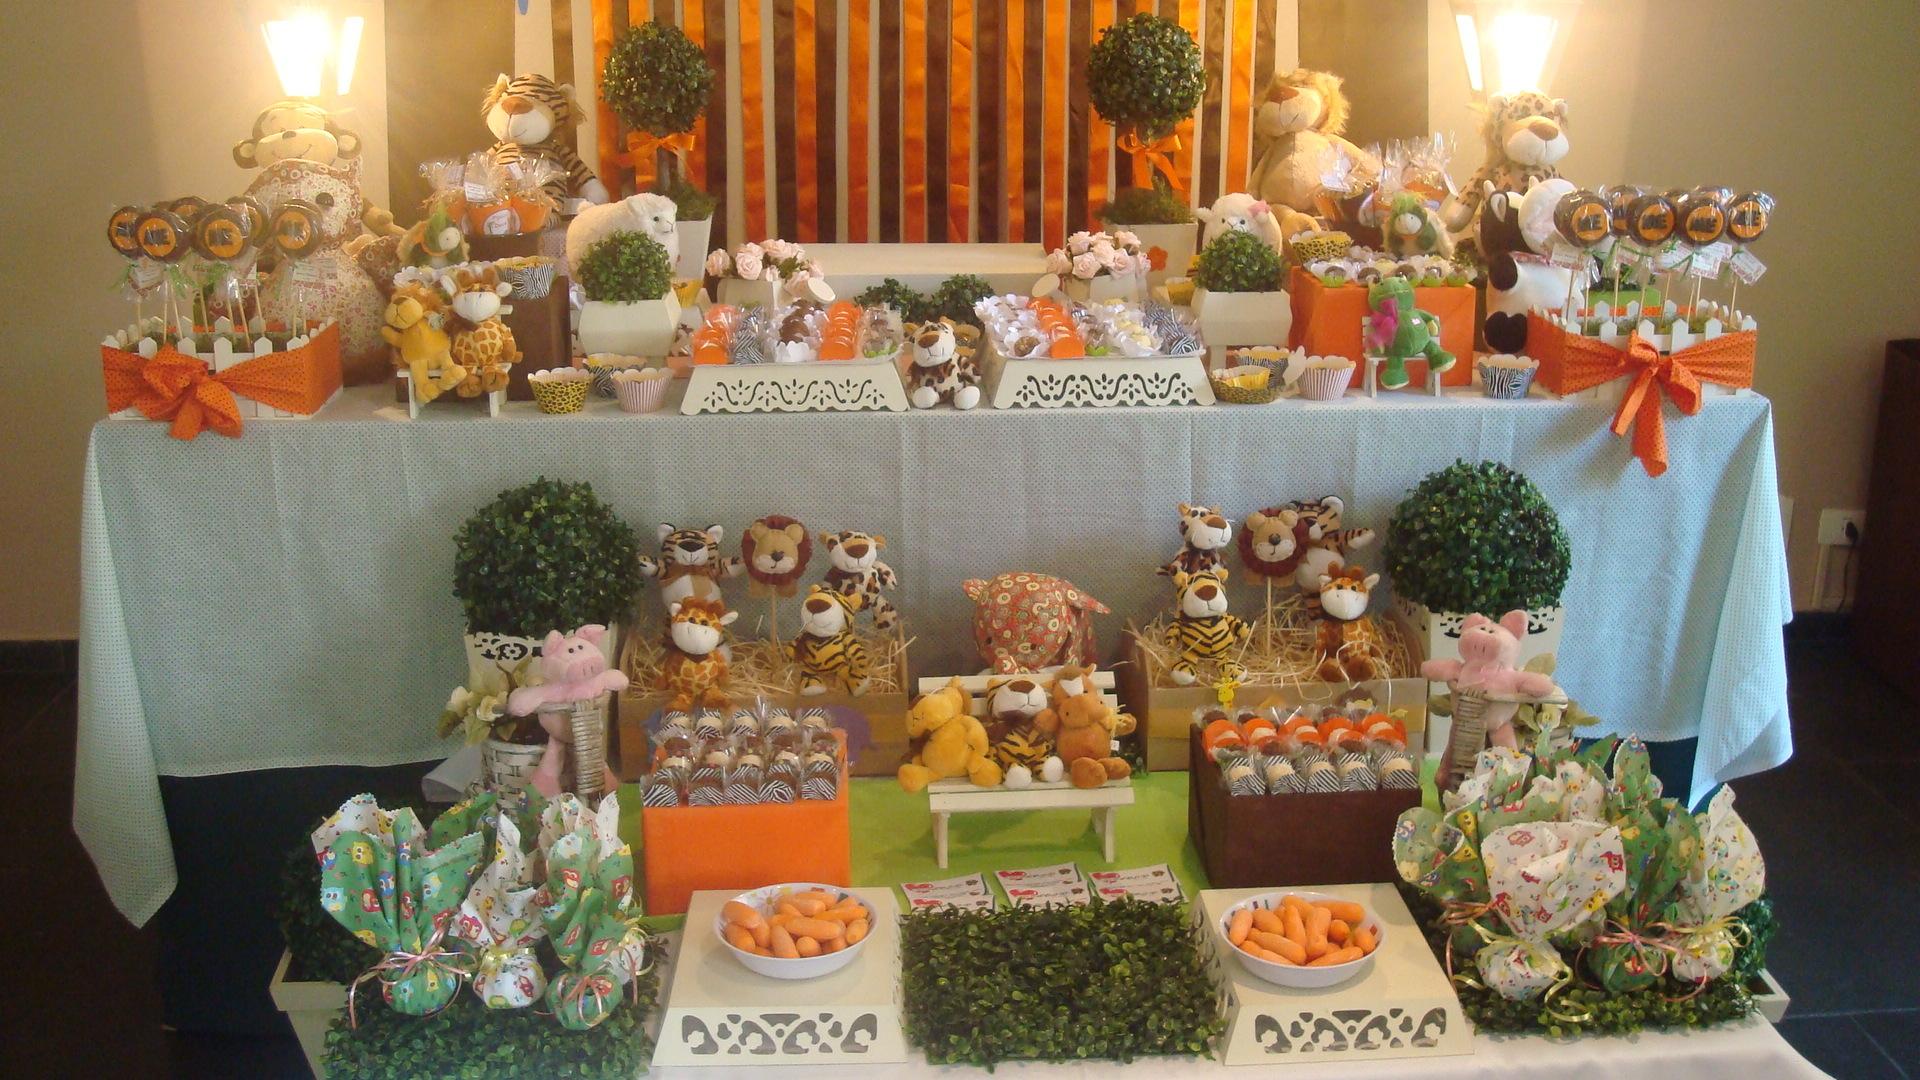 Decoraç u00e3o de mesa tema Zoo ou Bichos Caramelada Decorações Elo7 # Decoração Festa Infantil Zoologico